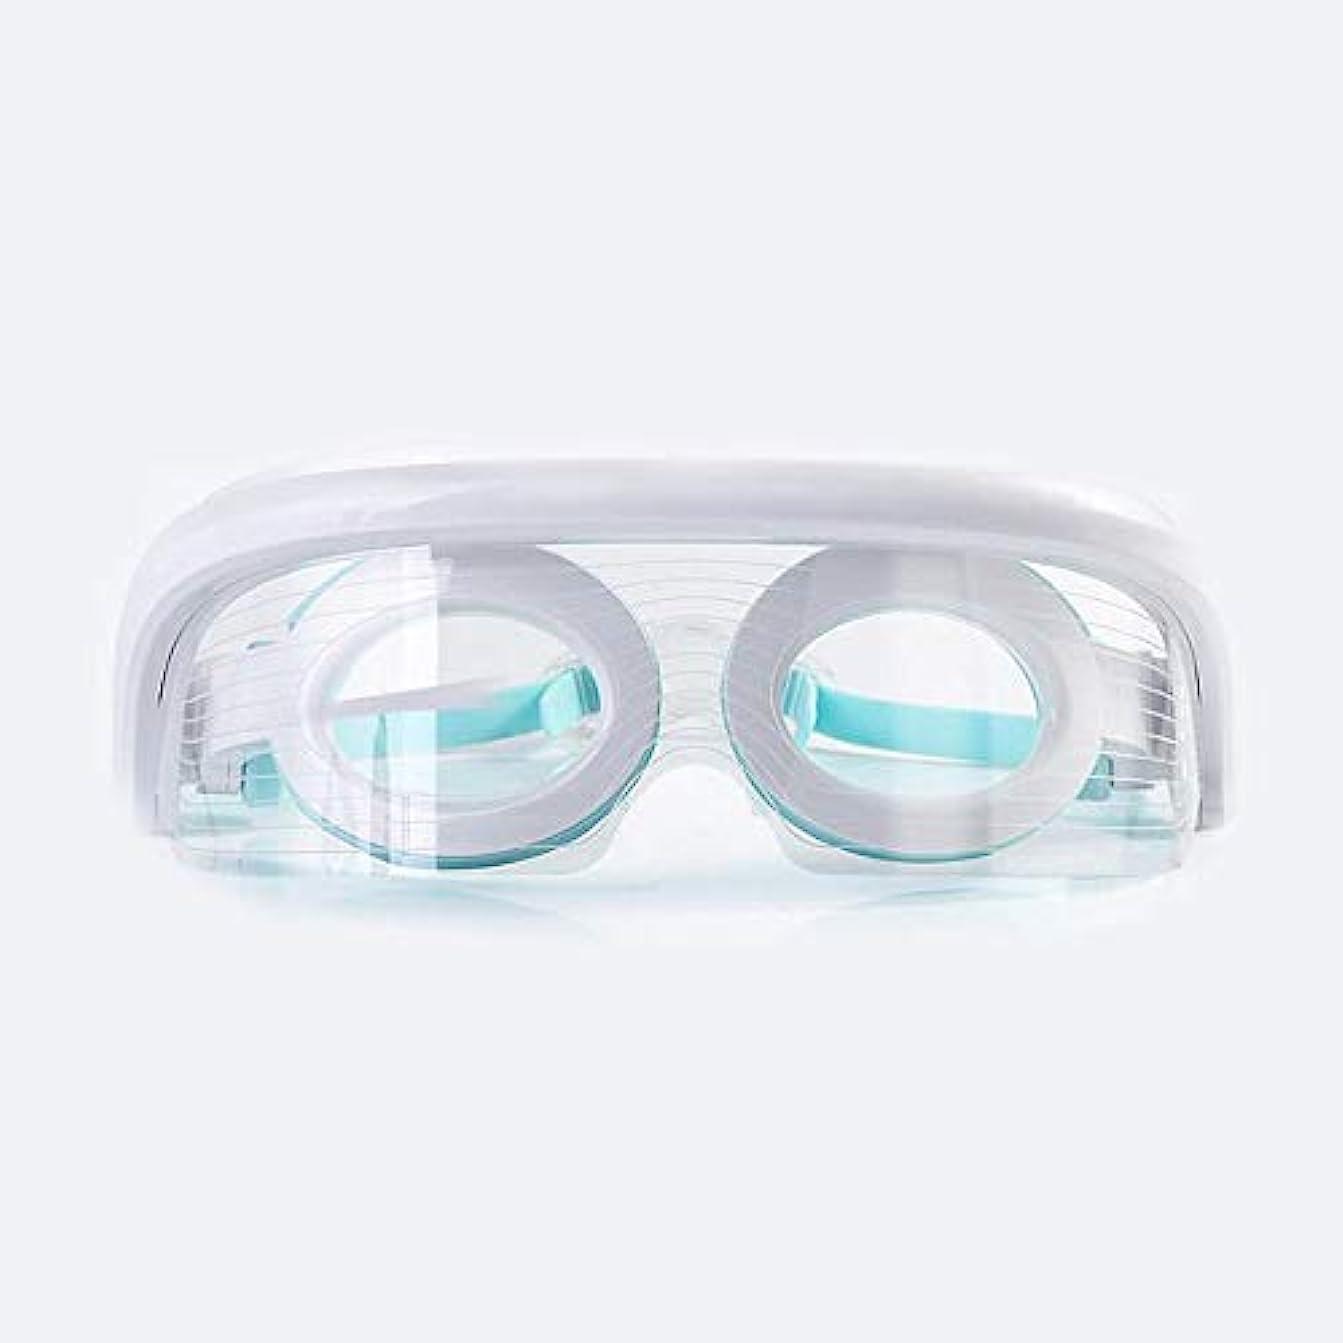 高揚したピアースロードブロッキングLed 光子美アイマスクマスクアイプロテクターアイマッサージ7色カラーライトアイマスクアイメーター